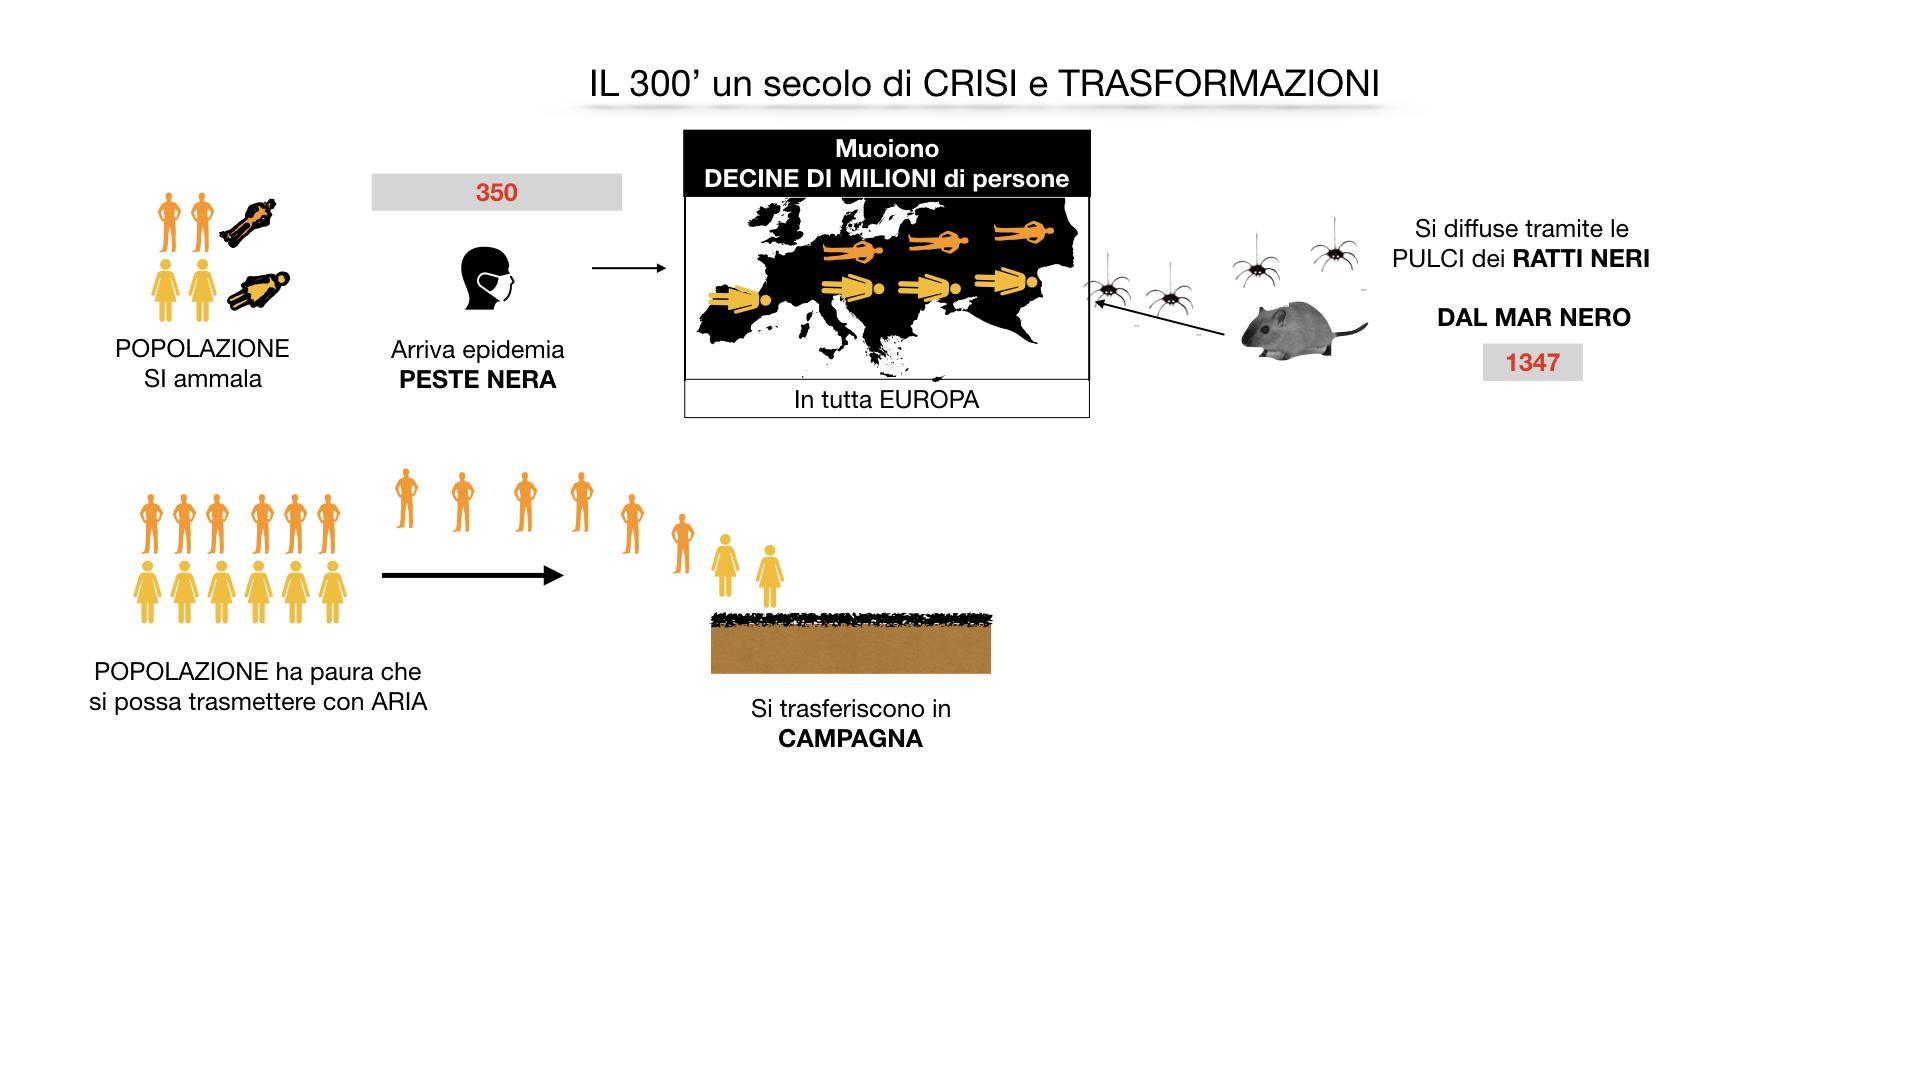 il 300 crisi e trasformazioni_ SIMULAZIONE.024